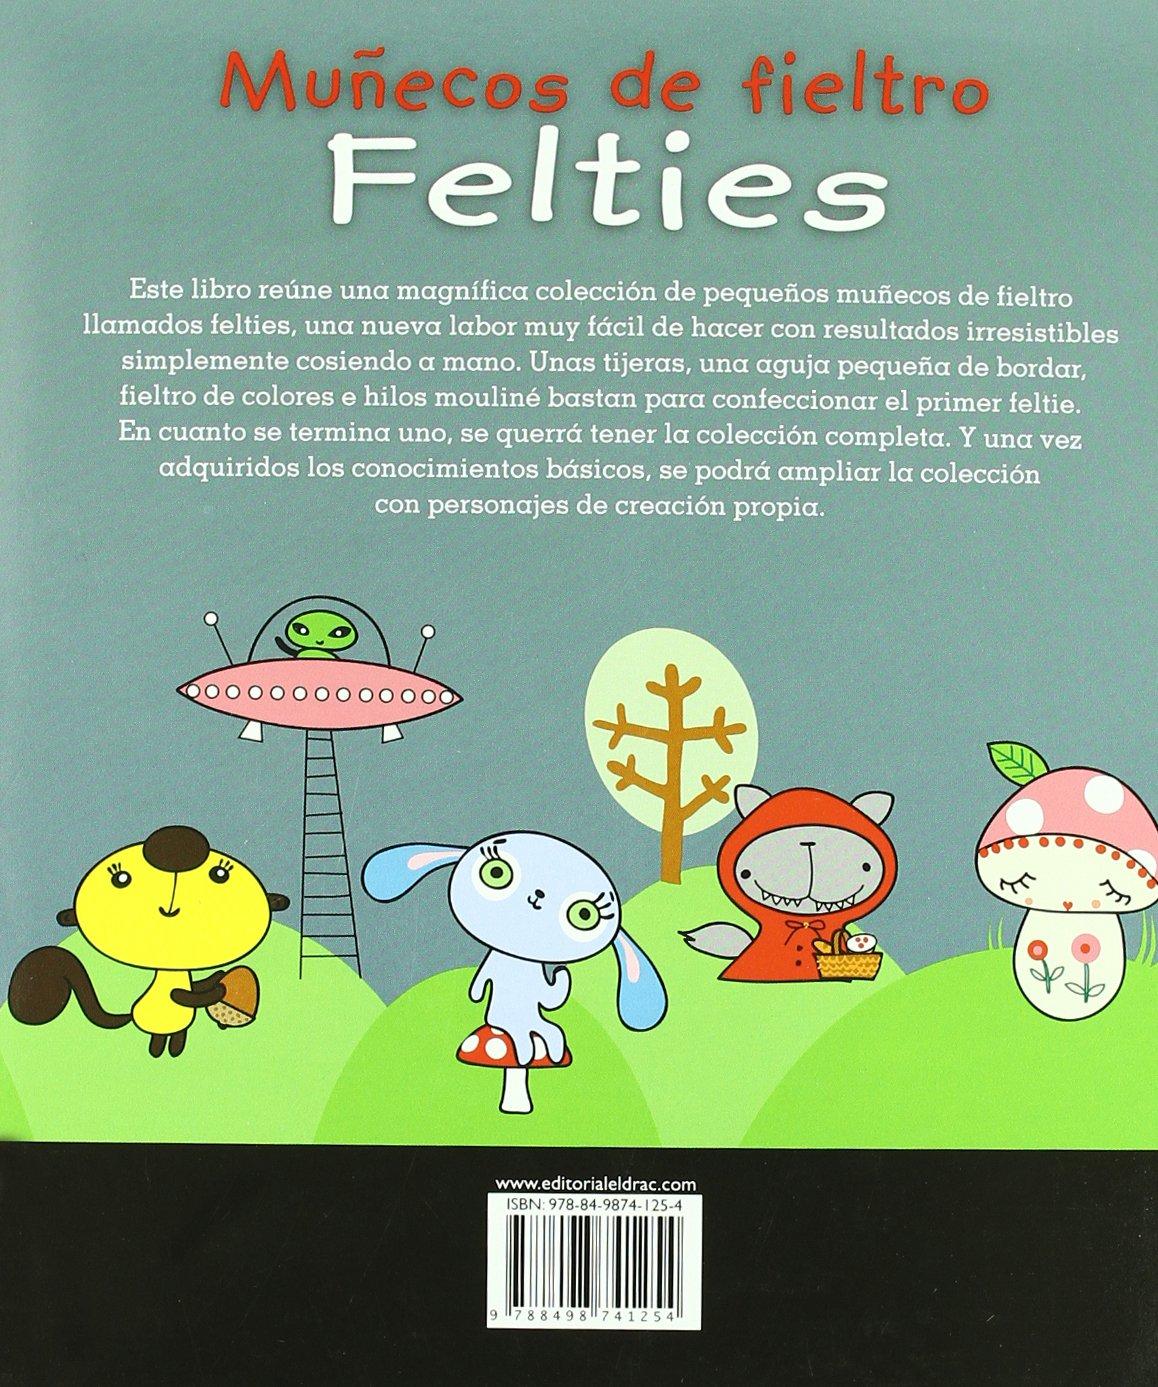 Libro manual con proyectos de muñecos de fieltro y patrones 2